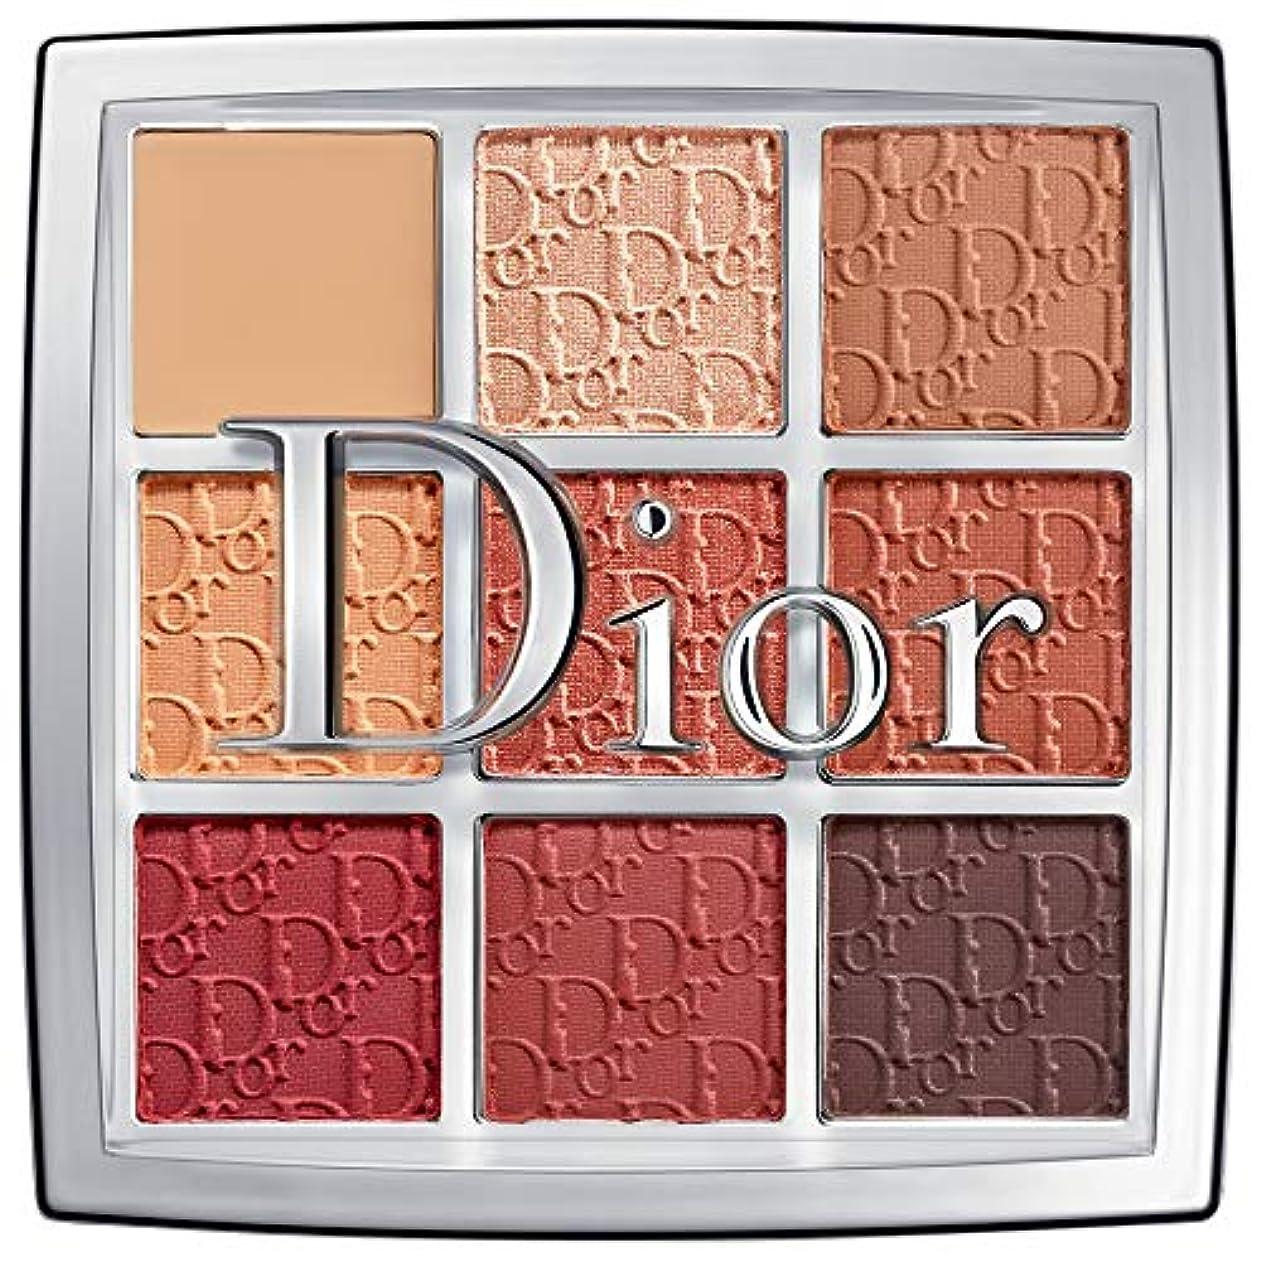 晴れやさしいダイヤモンド【 国内正規品 】Dior ディオール バックステージ アイ パレット #003 アンバー 10g (アシャドウ)